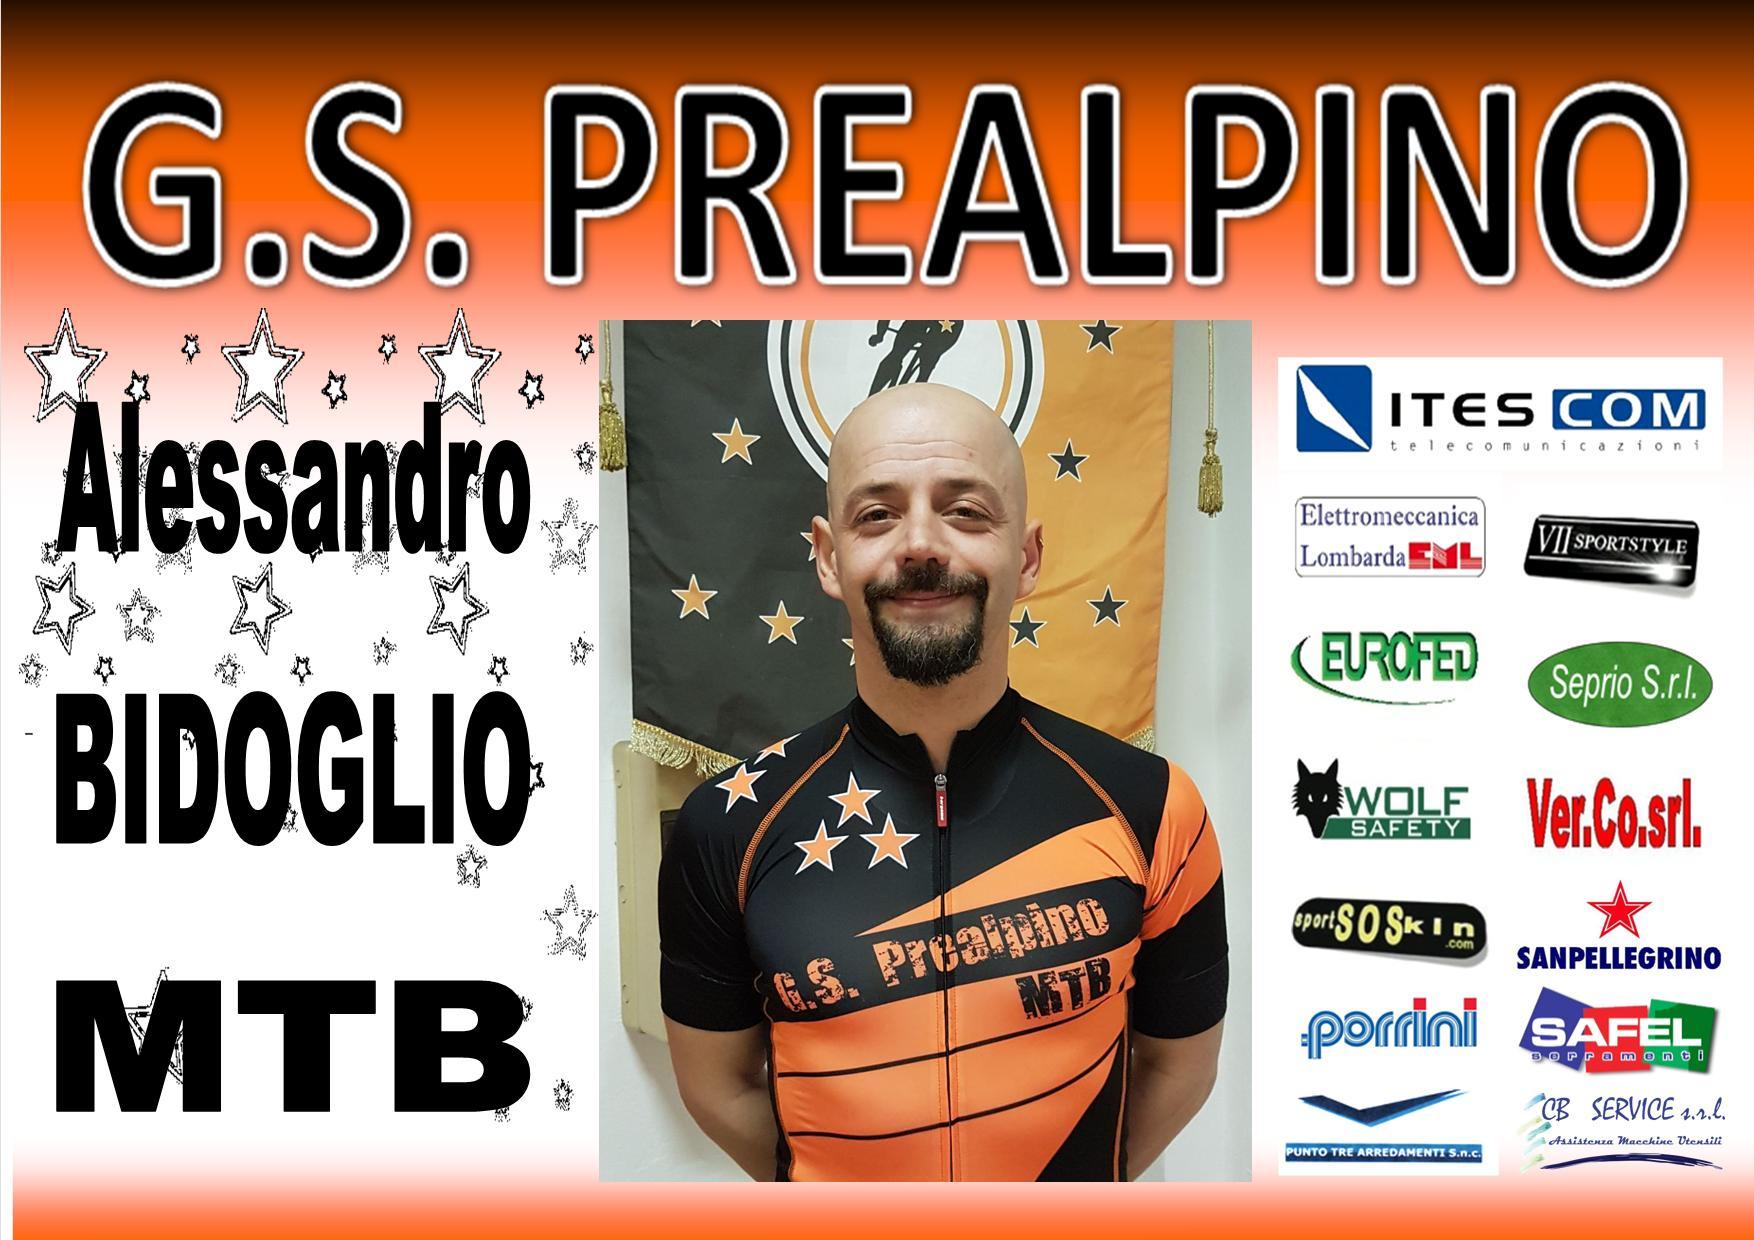 ALESSANDRO BIDOGLIO MTB PREALPINO 2017